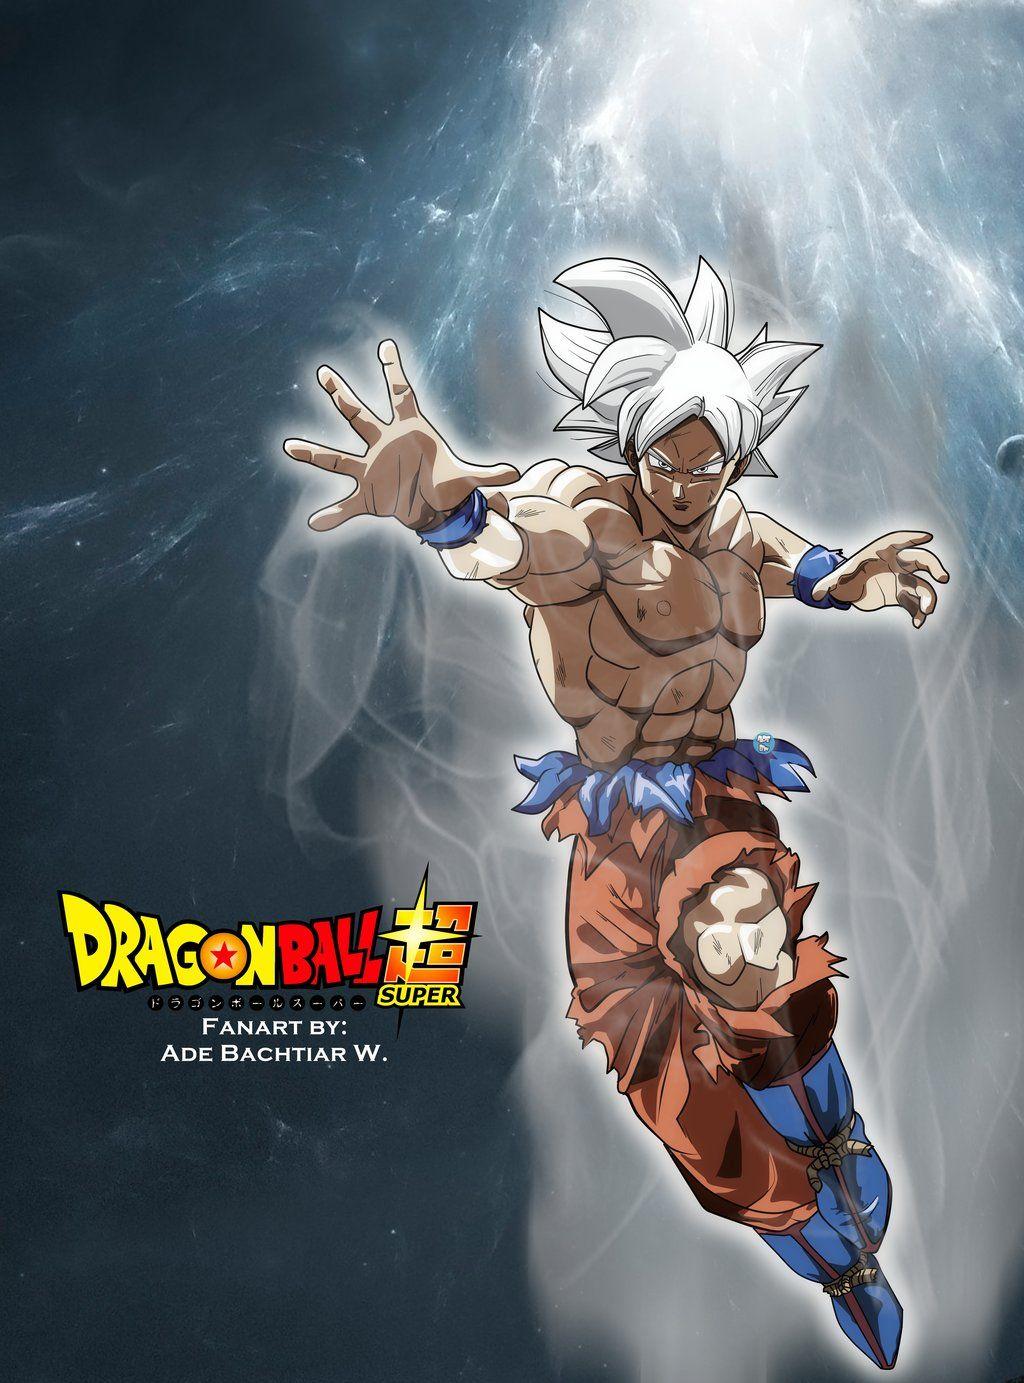 Goku Mastered Ultra Instinct By Adeba3388 On Deviantart Anime Dragon Ball Dragon Ball Super Goku Dragon Ball Goku